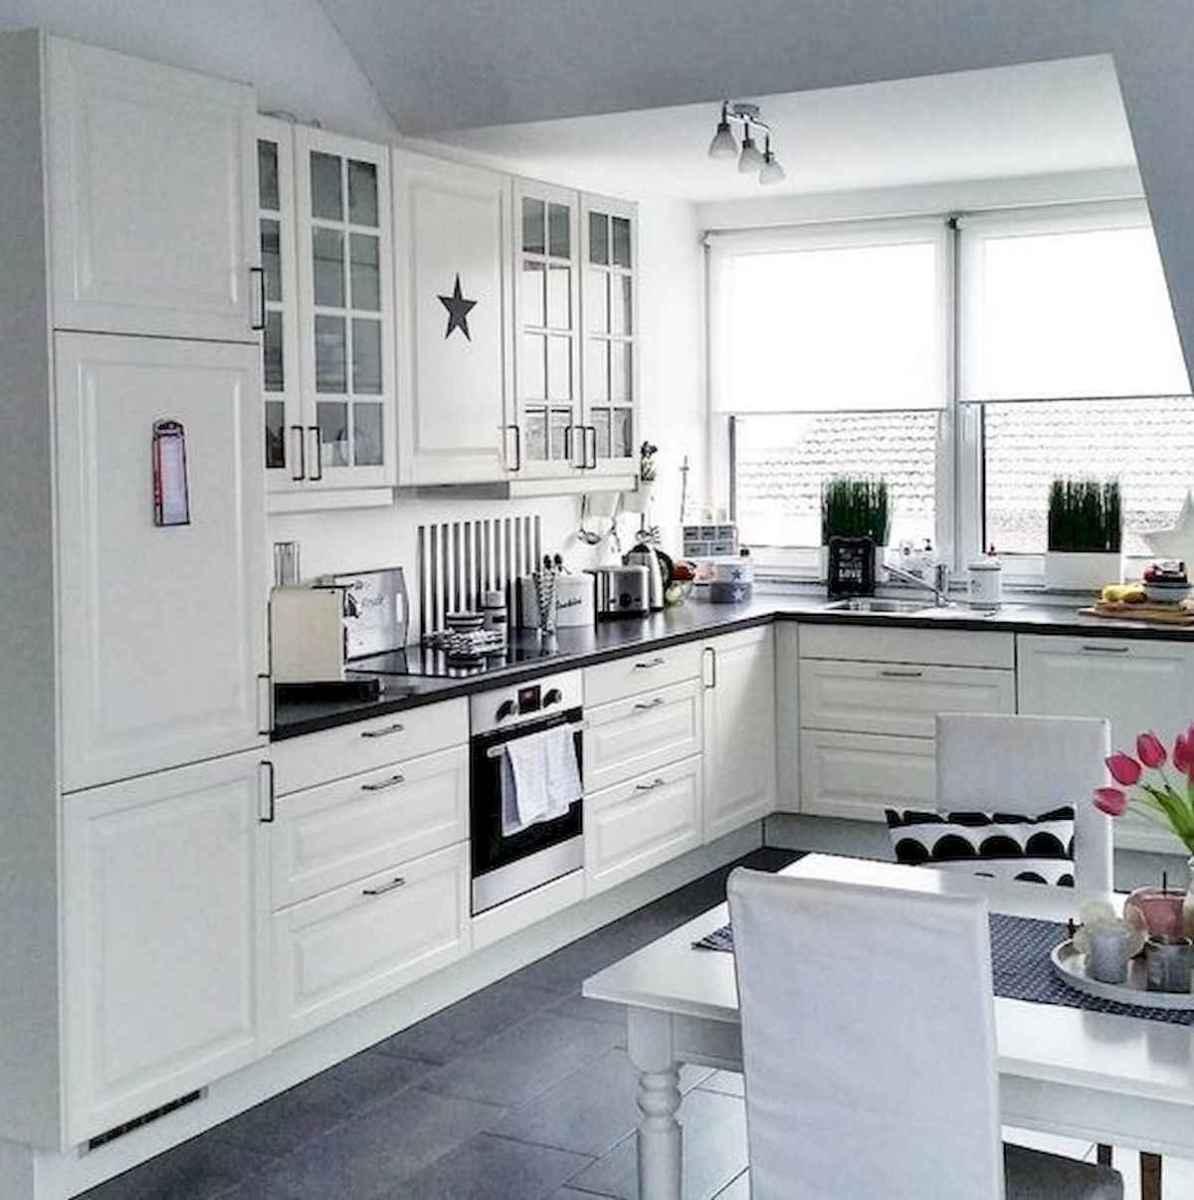 50 Best White Kitchen Design Ideas To Inspiring Your Kitchen (40)